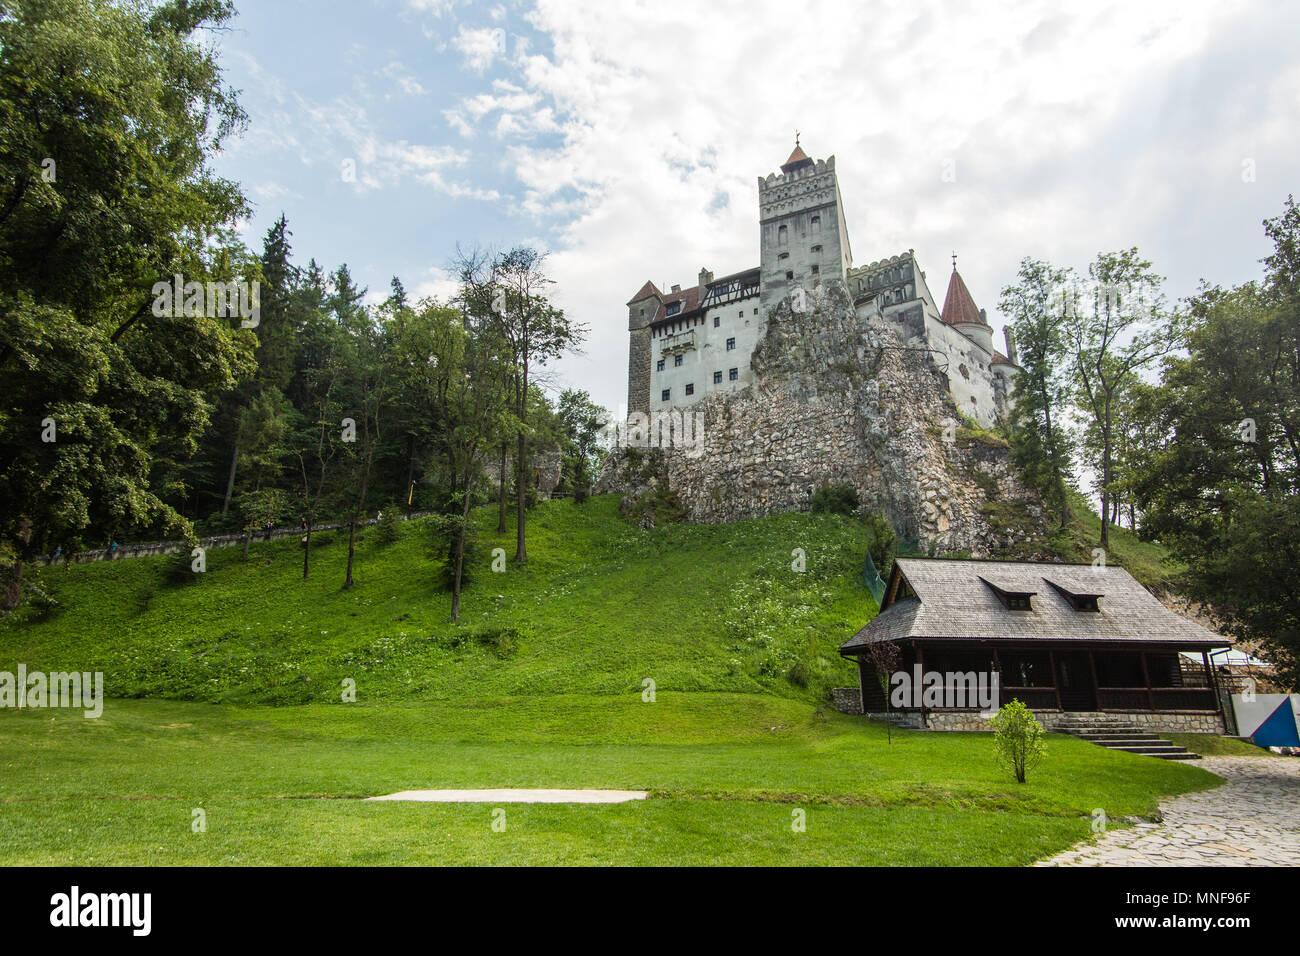 Bran, Rumänien - 20. Juli 2017: Die mittelalterliche Burg von Kleie. Das Schloss in der Vergangenheit bewacht die Grenze zwischen Siebenbürgen ein Walachei. Es ist auch Kno Stockbild